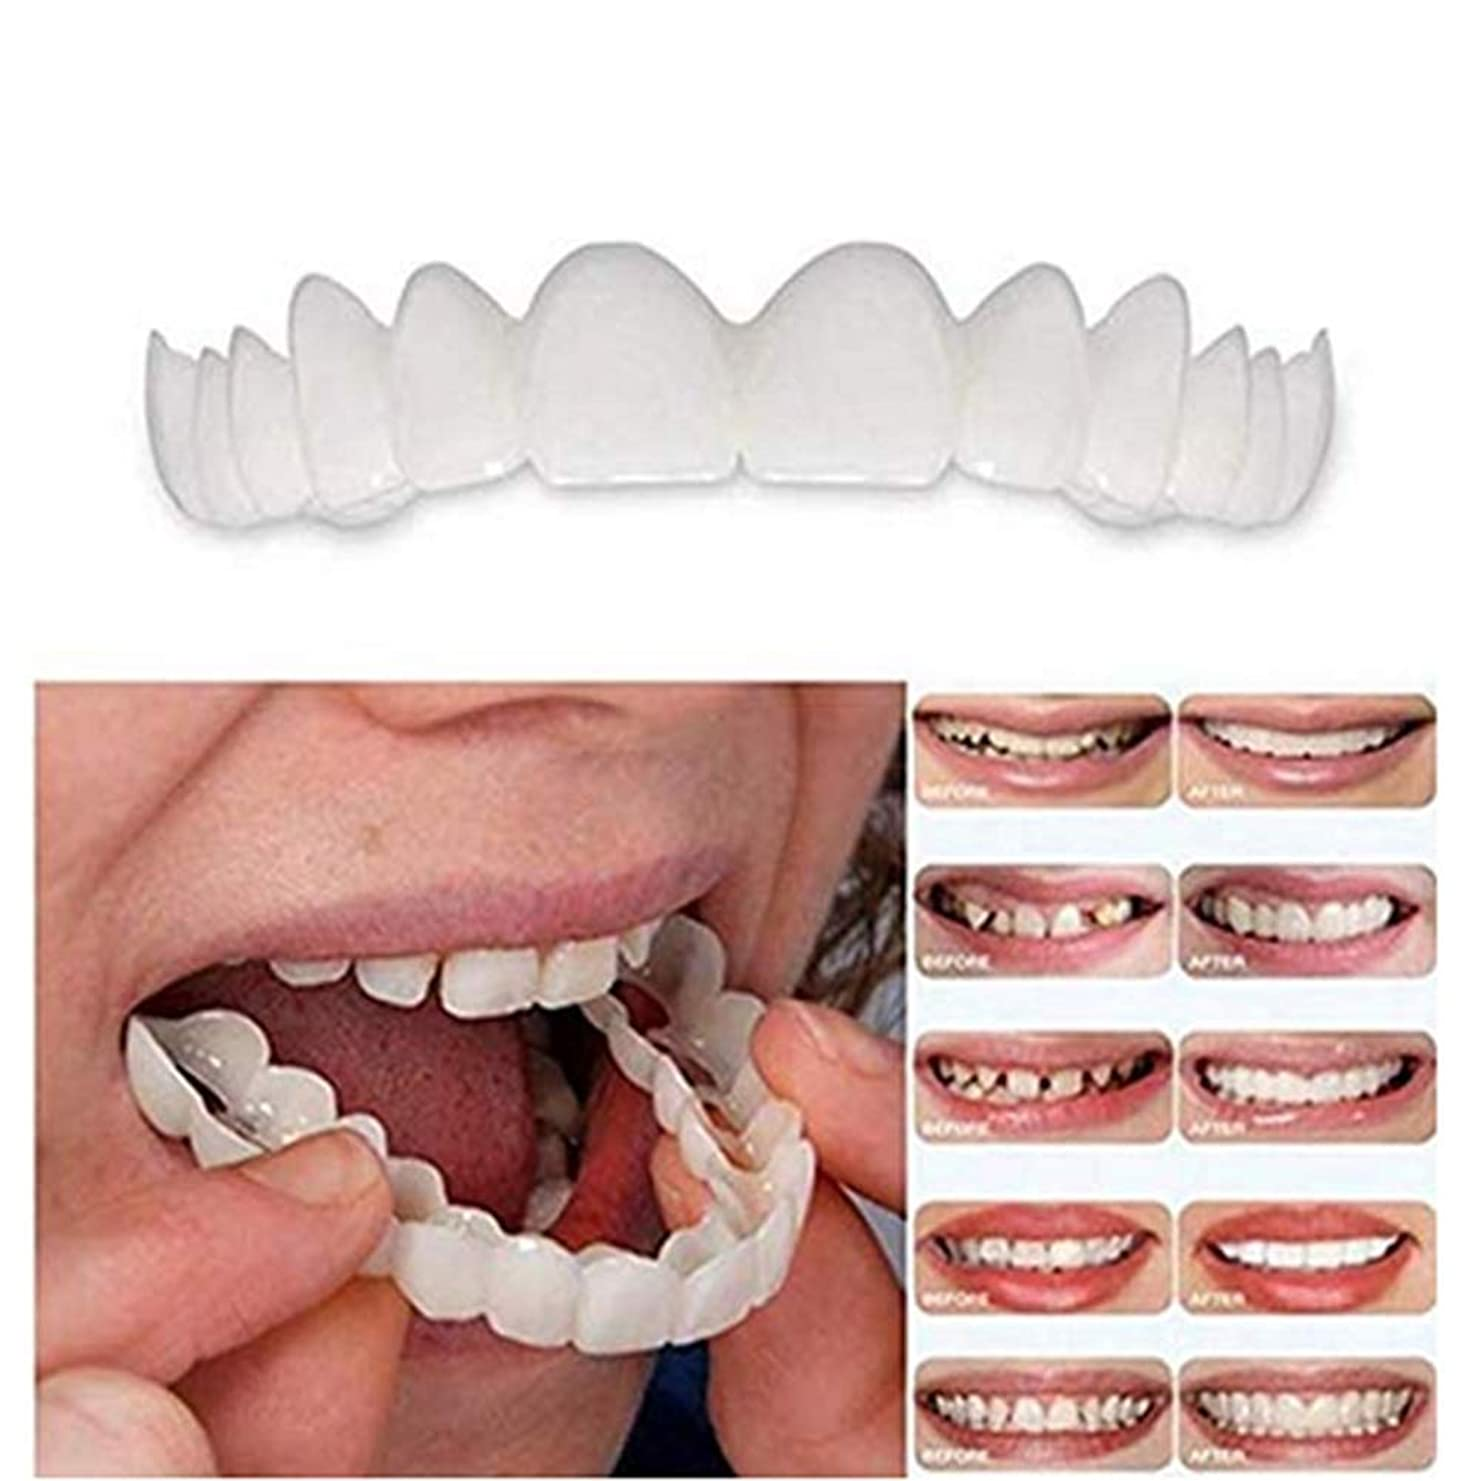 歌信仰首相2PCS /セット(上下の歯の義歯)上下の一時的な反本物の義歯インスタントスマイルコンフォートフィットフレックス化粧品歯義歯歯トップ化粧品突き板